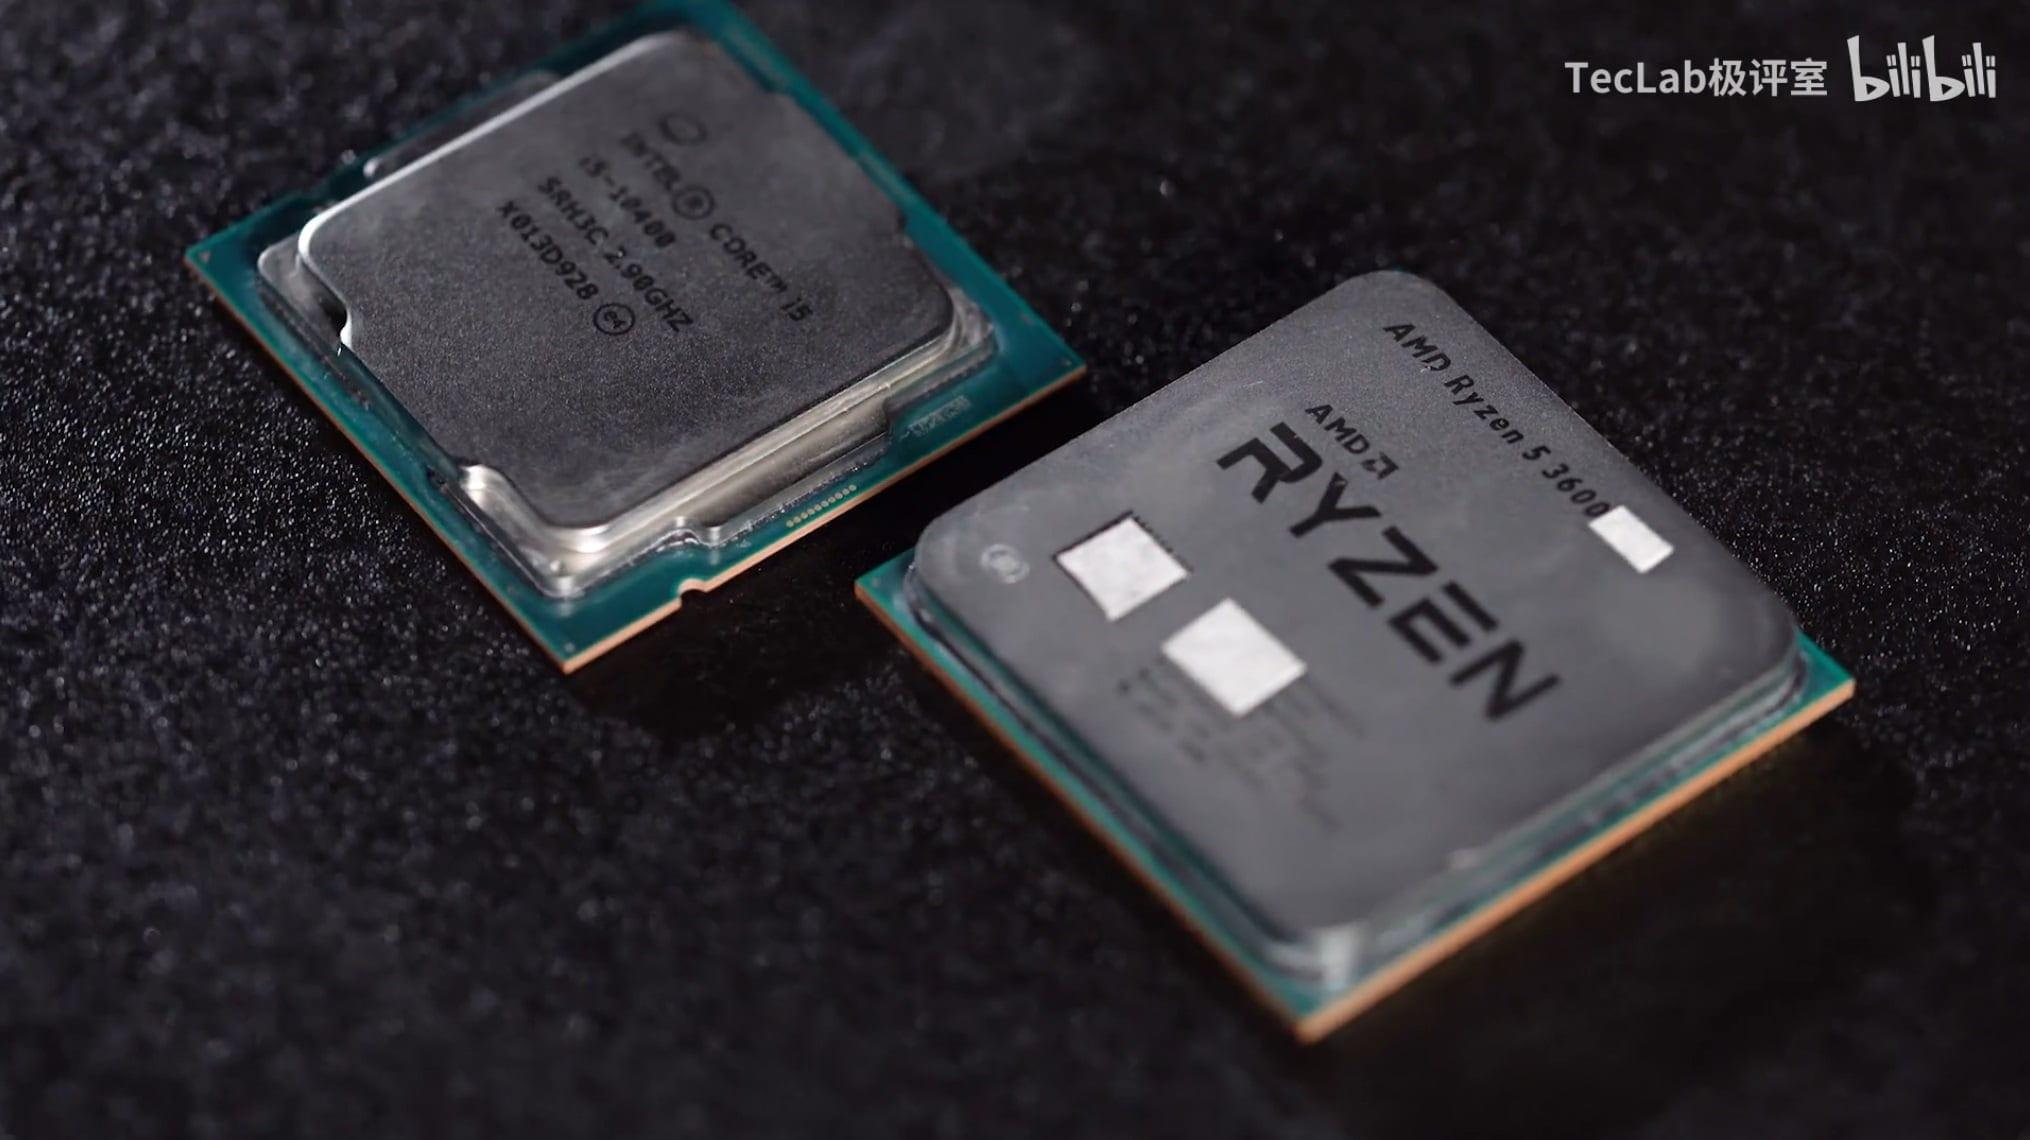 Splave обновил свои рекорды в модельном зачете видеокарты AMD Radeon HD 5870